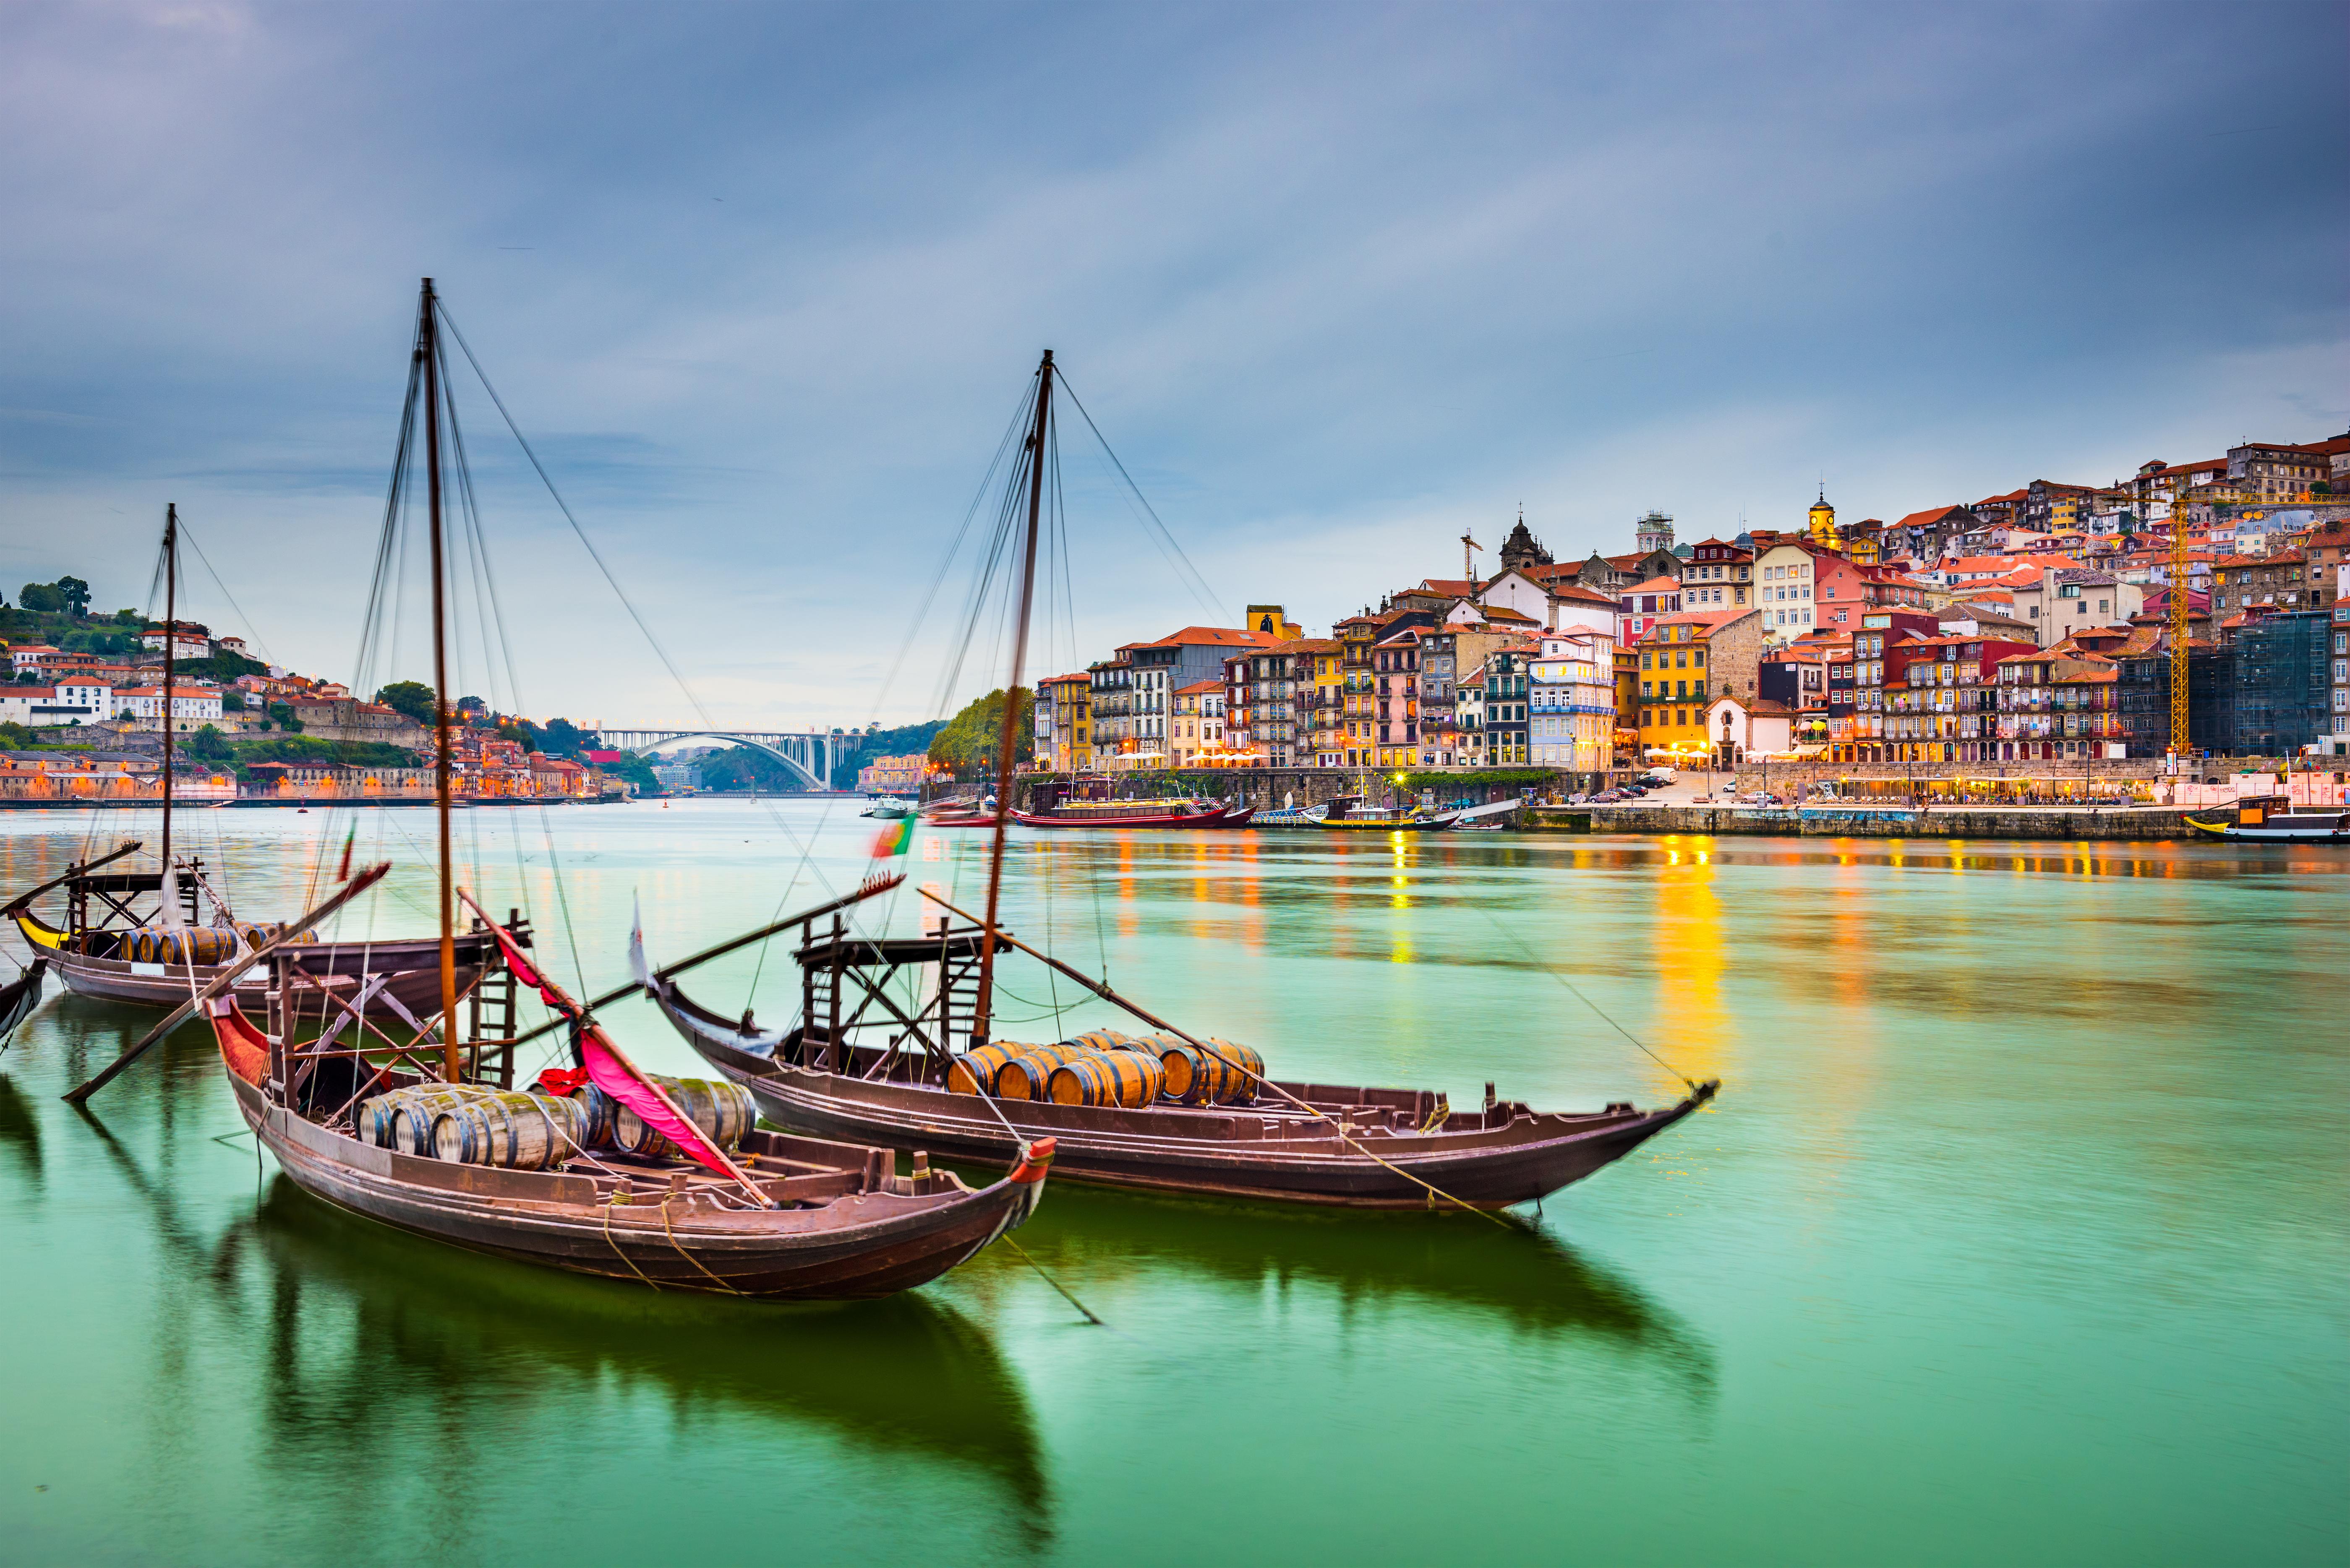 Порту, город в Португалии, ВНЖ которой могут получить иностранцы